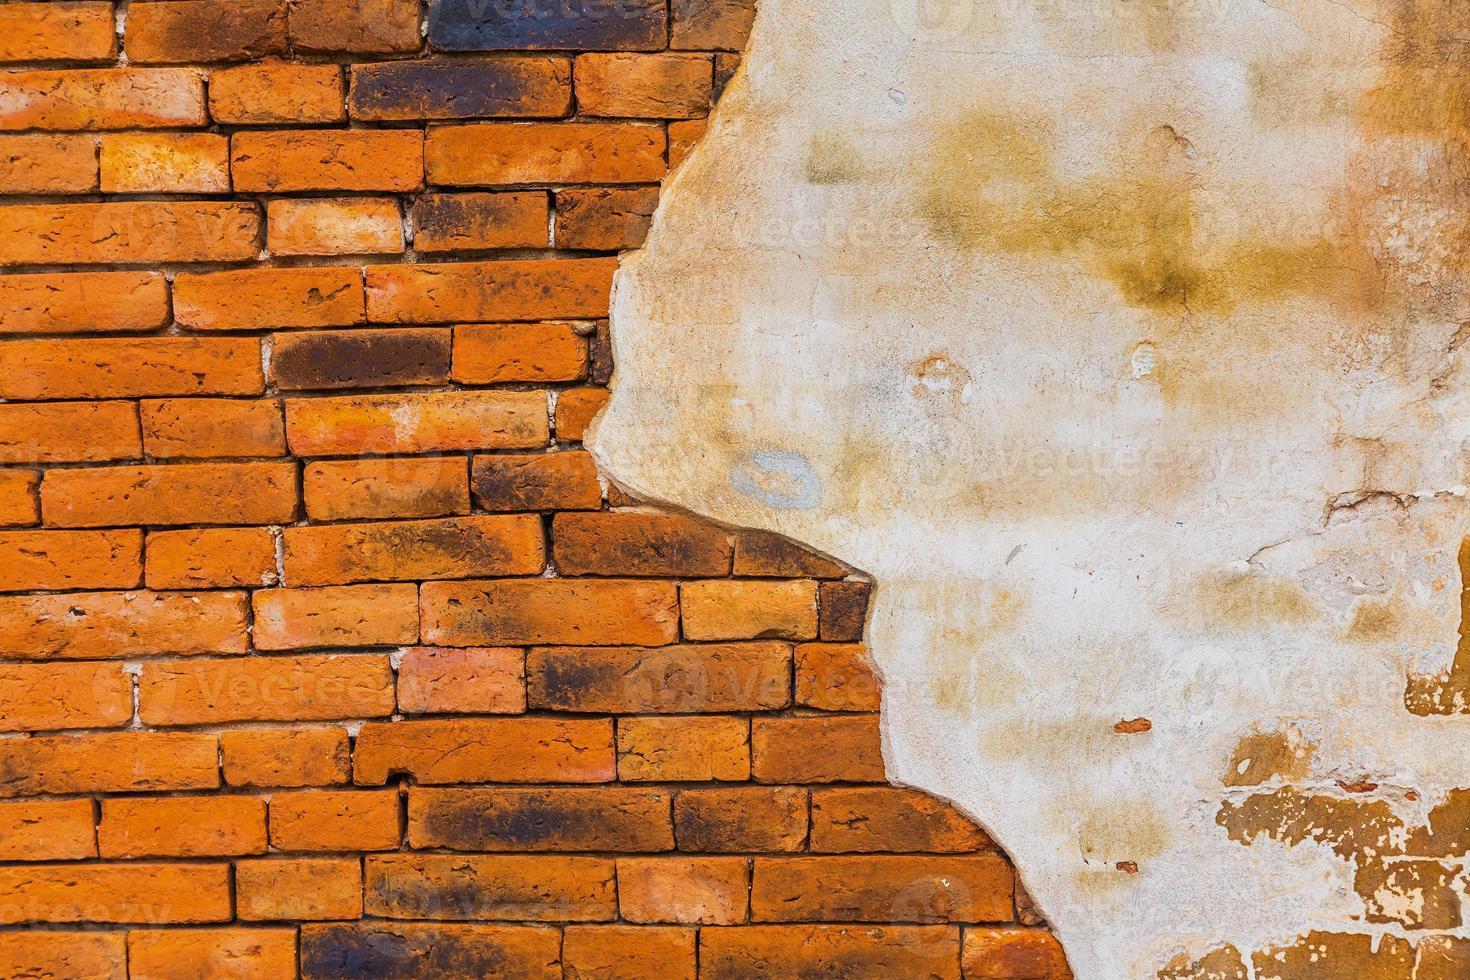 gebarsten betonnen vintage bakstenen muur achtergrond foto